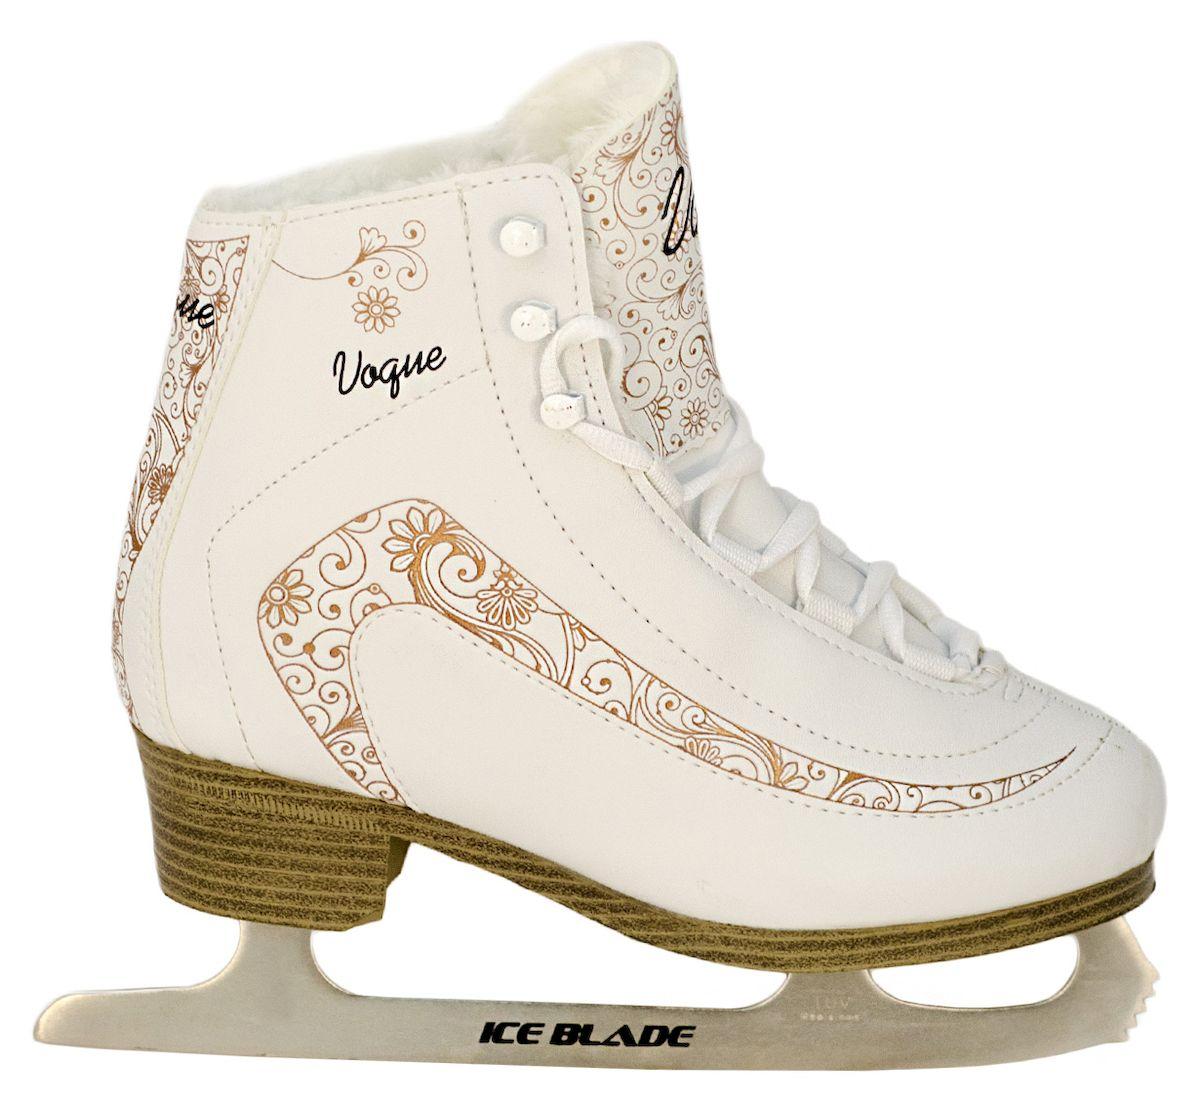 Коньки фигурные Ice Blade Vogue, цвет: белый, золотой. УТ-00006871. Размер 42